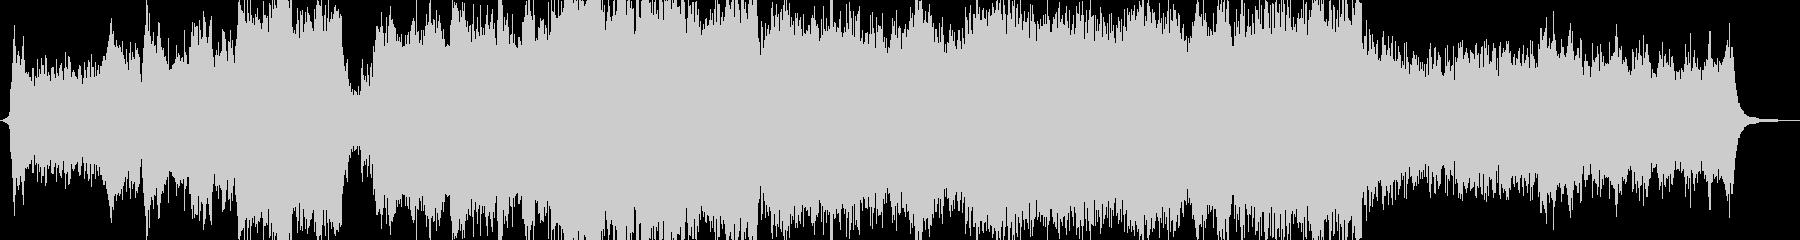 躍動感あるオーケストラサウンドの未再生の波形